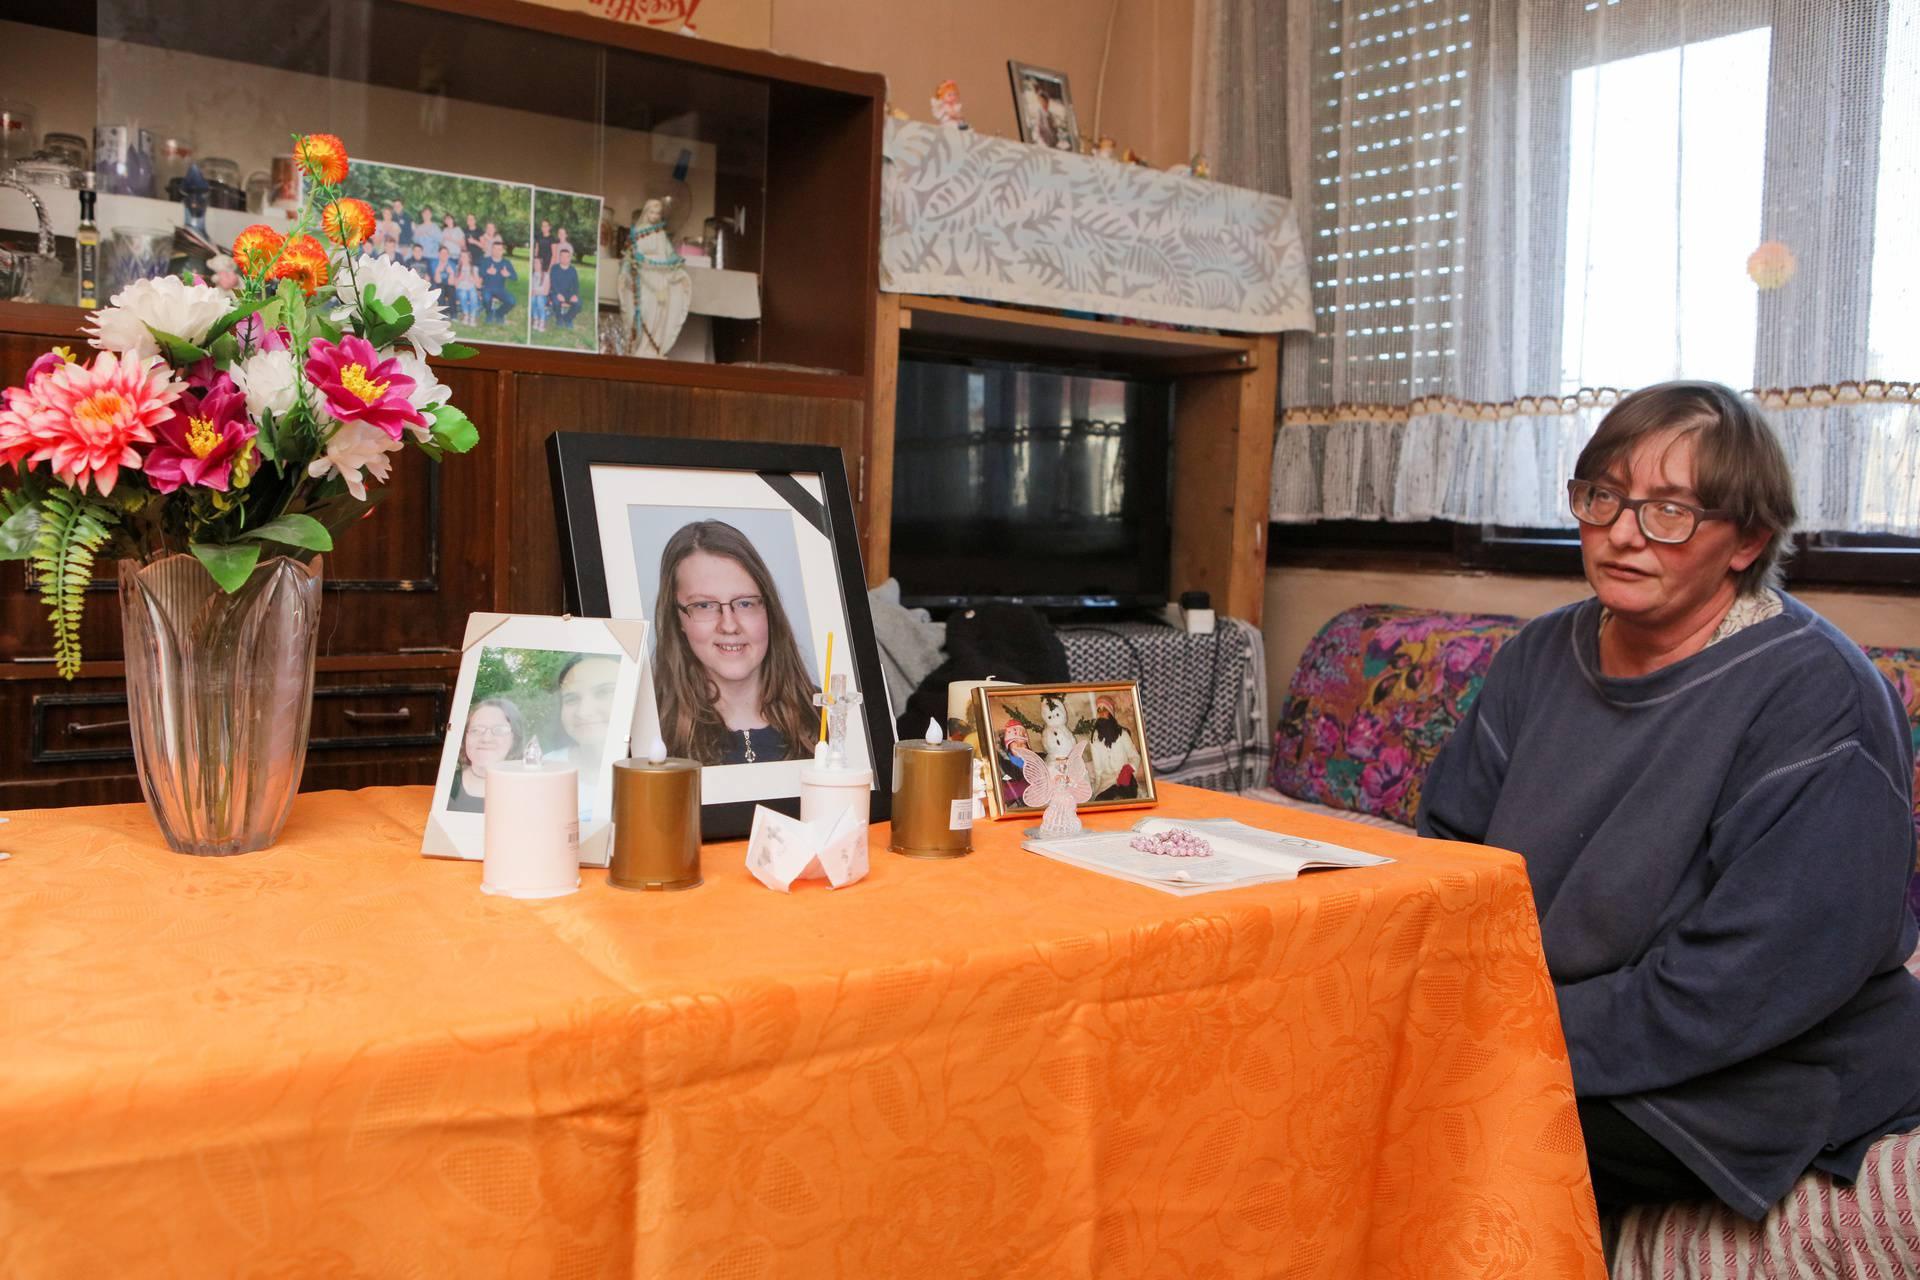 Kamionom uletio na odmorište i usmrtio djevojčice: 'Srce mi se slomi kad vidim Renatinu sliku'